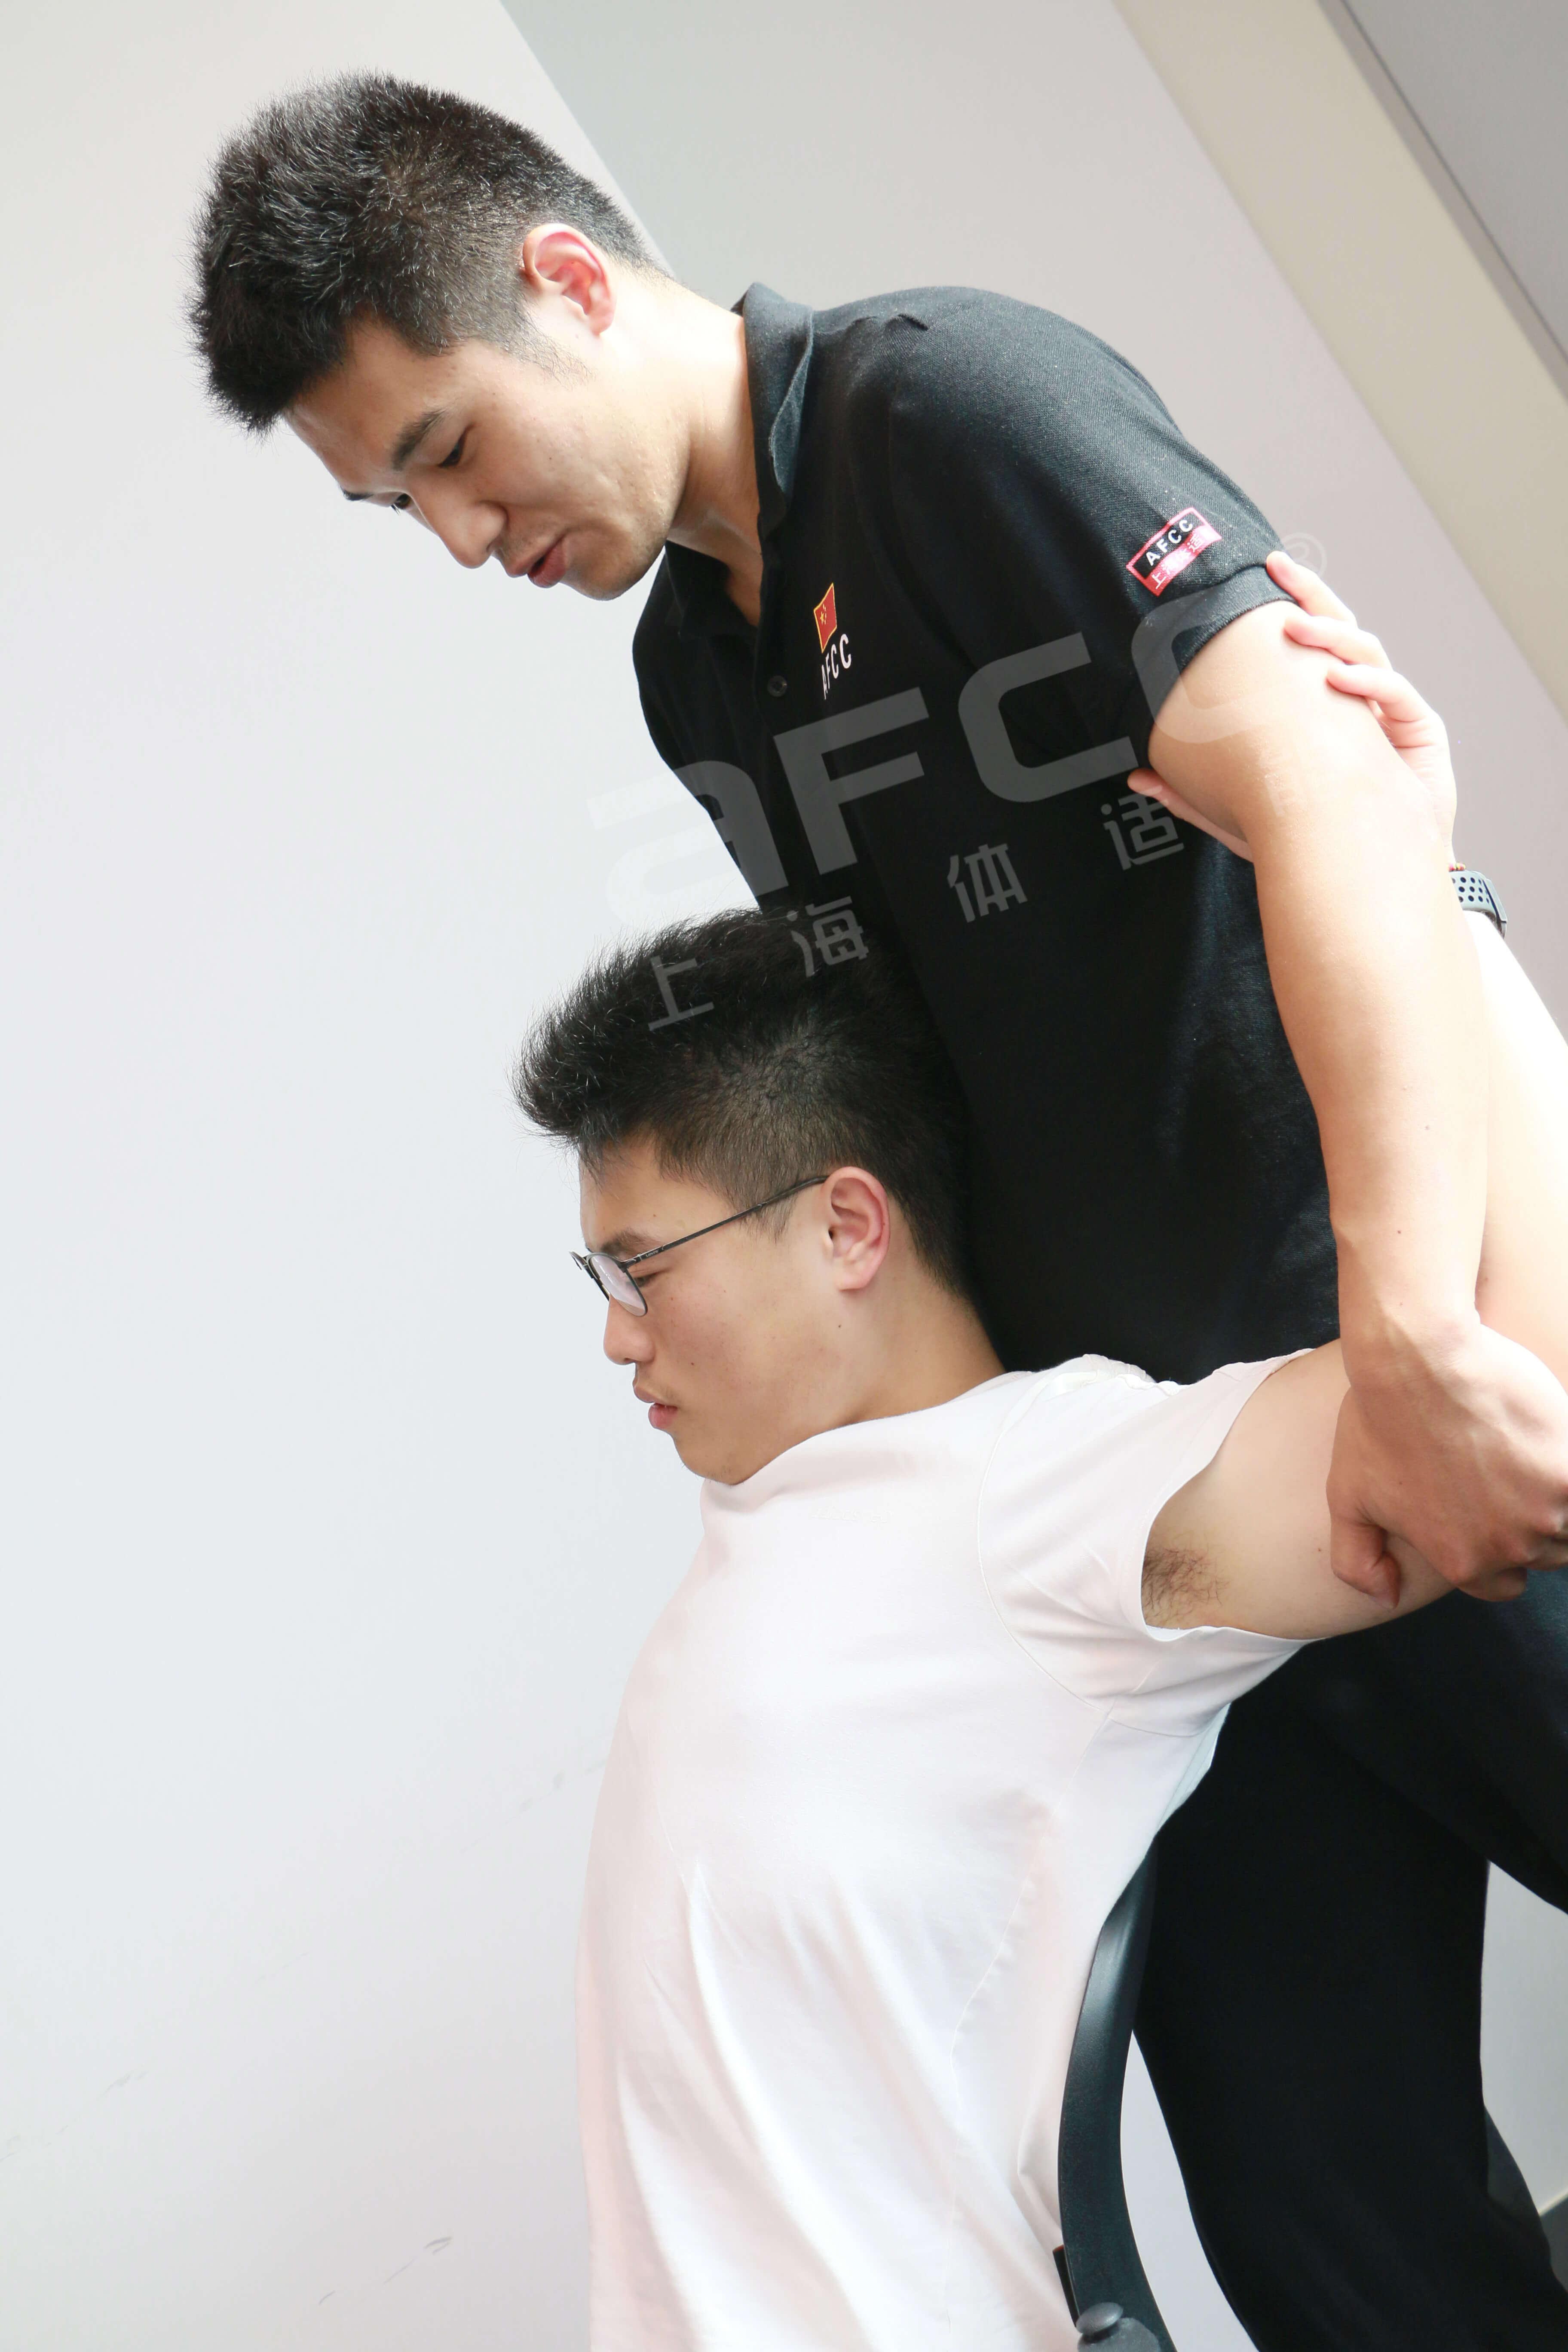 上海体适能导师为中国移动人员缓解身体不舒服的情况